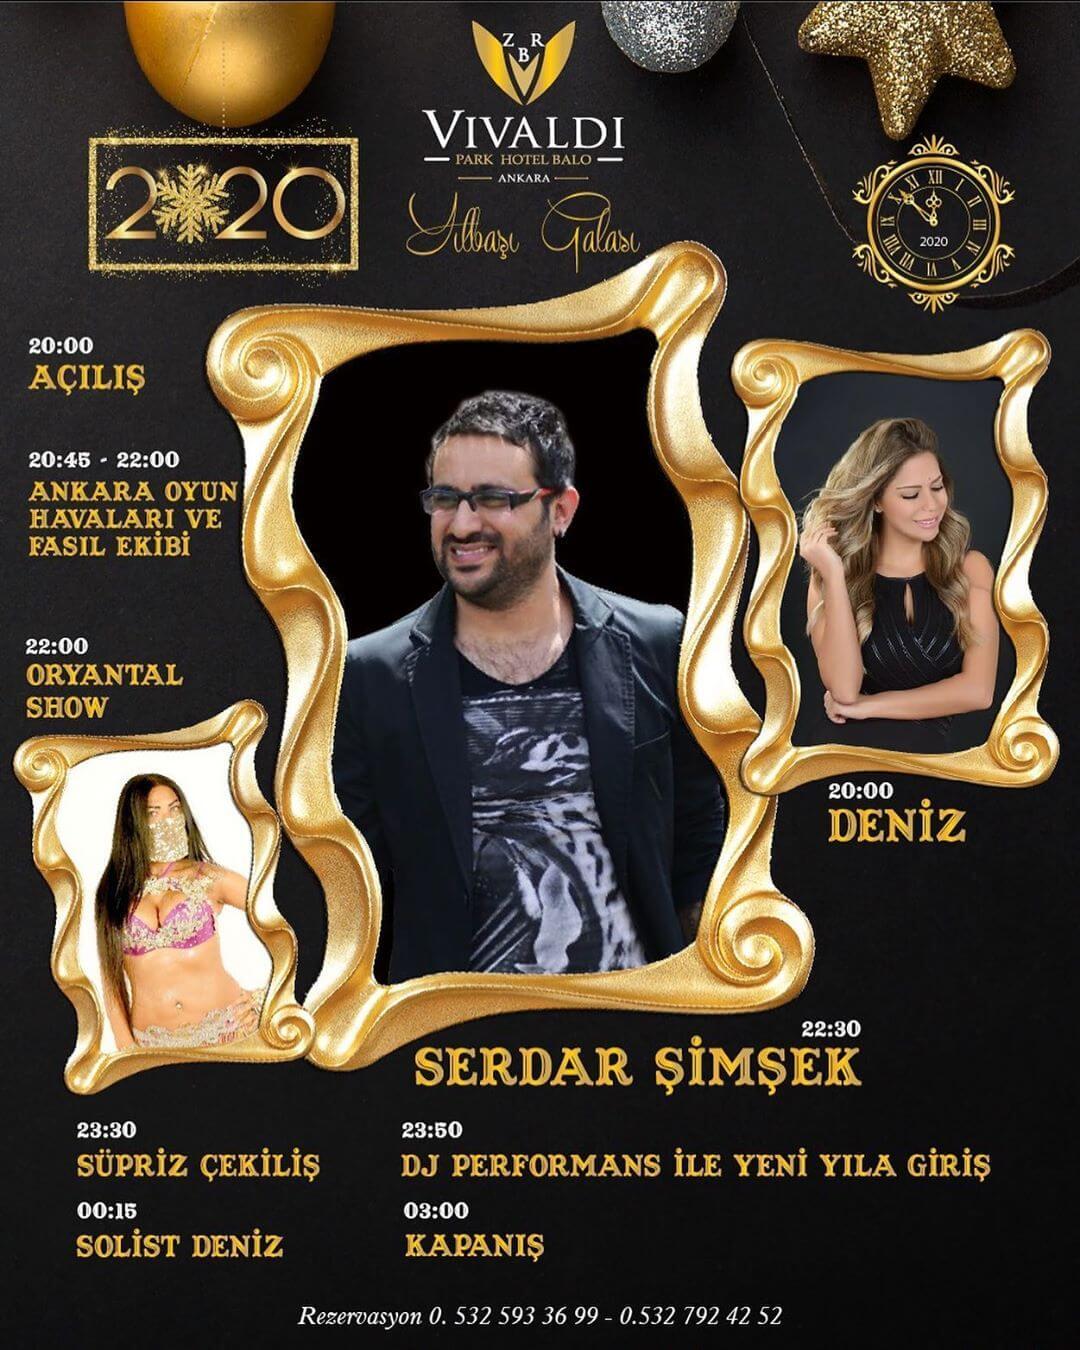 Vivaldi Park Hotel Yılbaşı Programı 2019